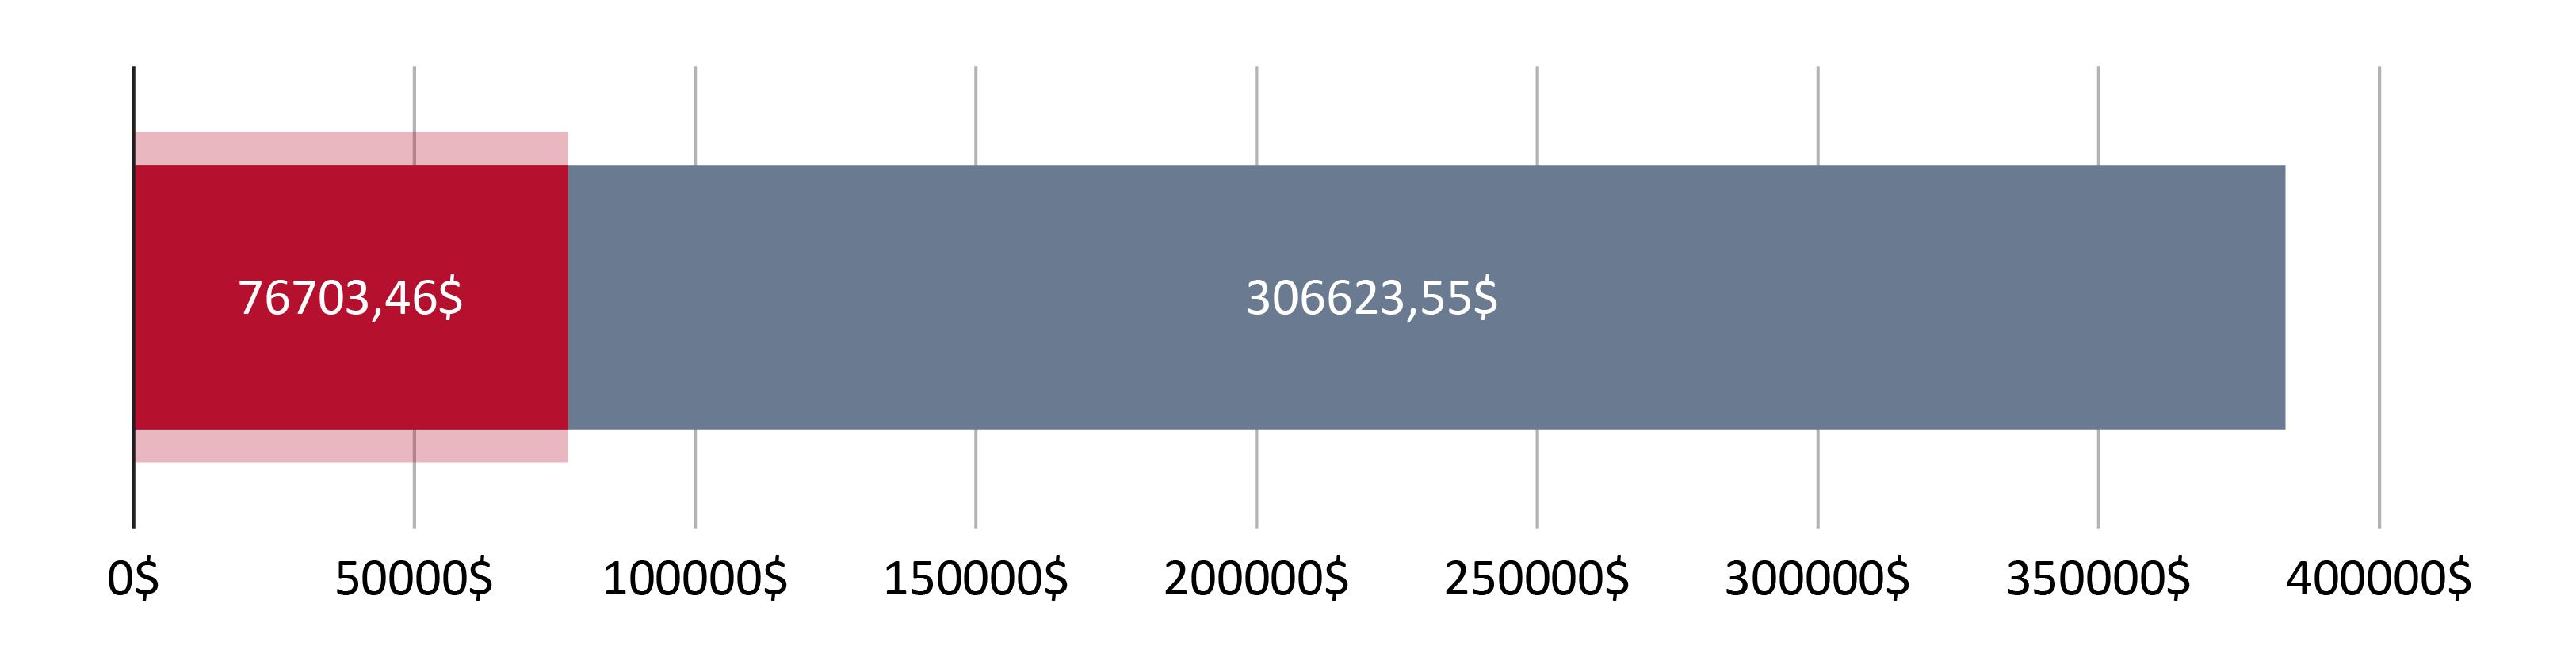 76703,46$ $ harcandı; 306623,55$ kaldı